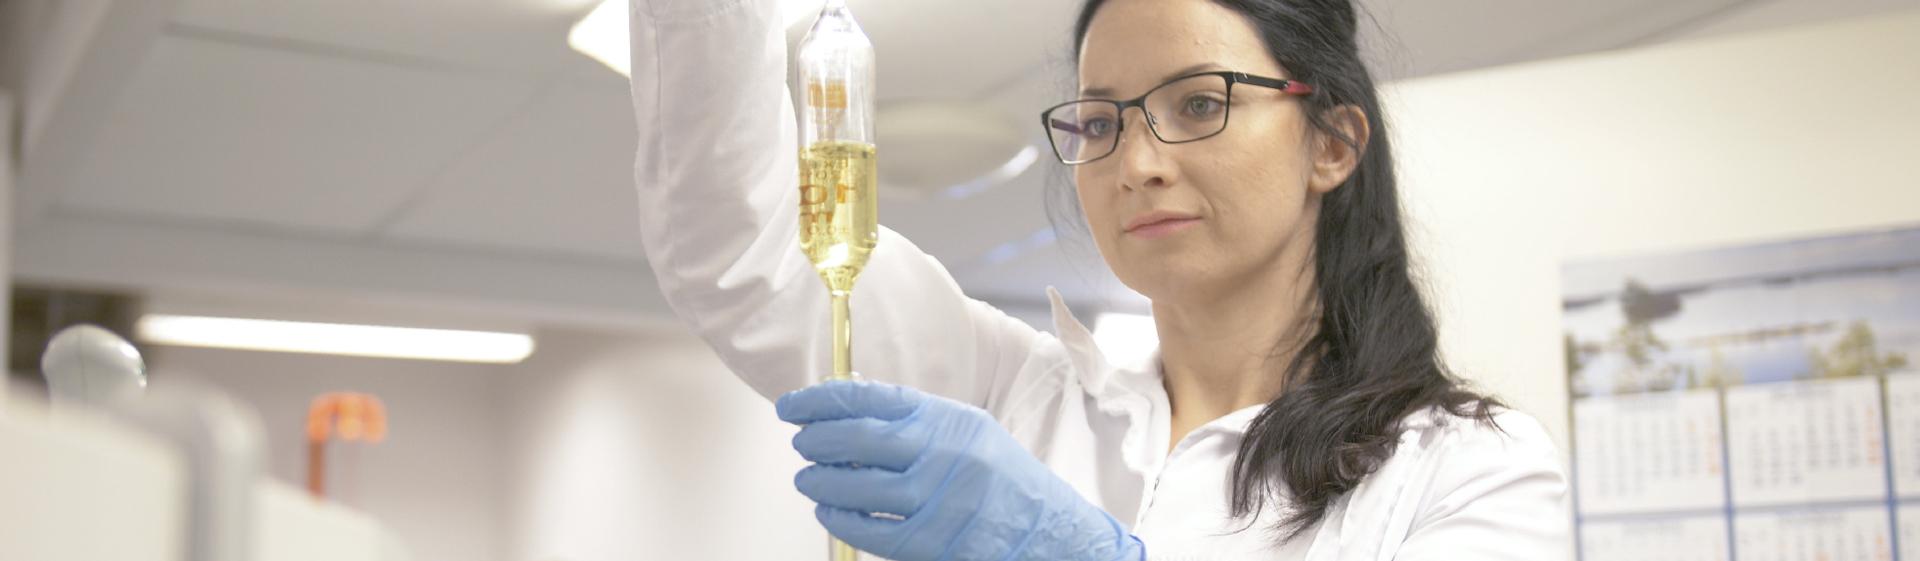 Tutkija tarkastelee laboratoriossa nestenäytettä, joka on läpinäkyvässä, muovisessa pussissa. Pussin neste on kellertävää.